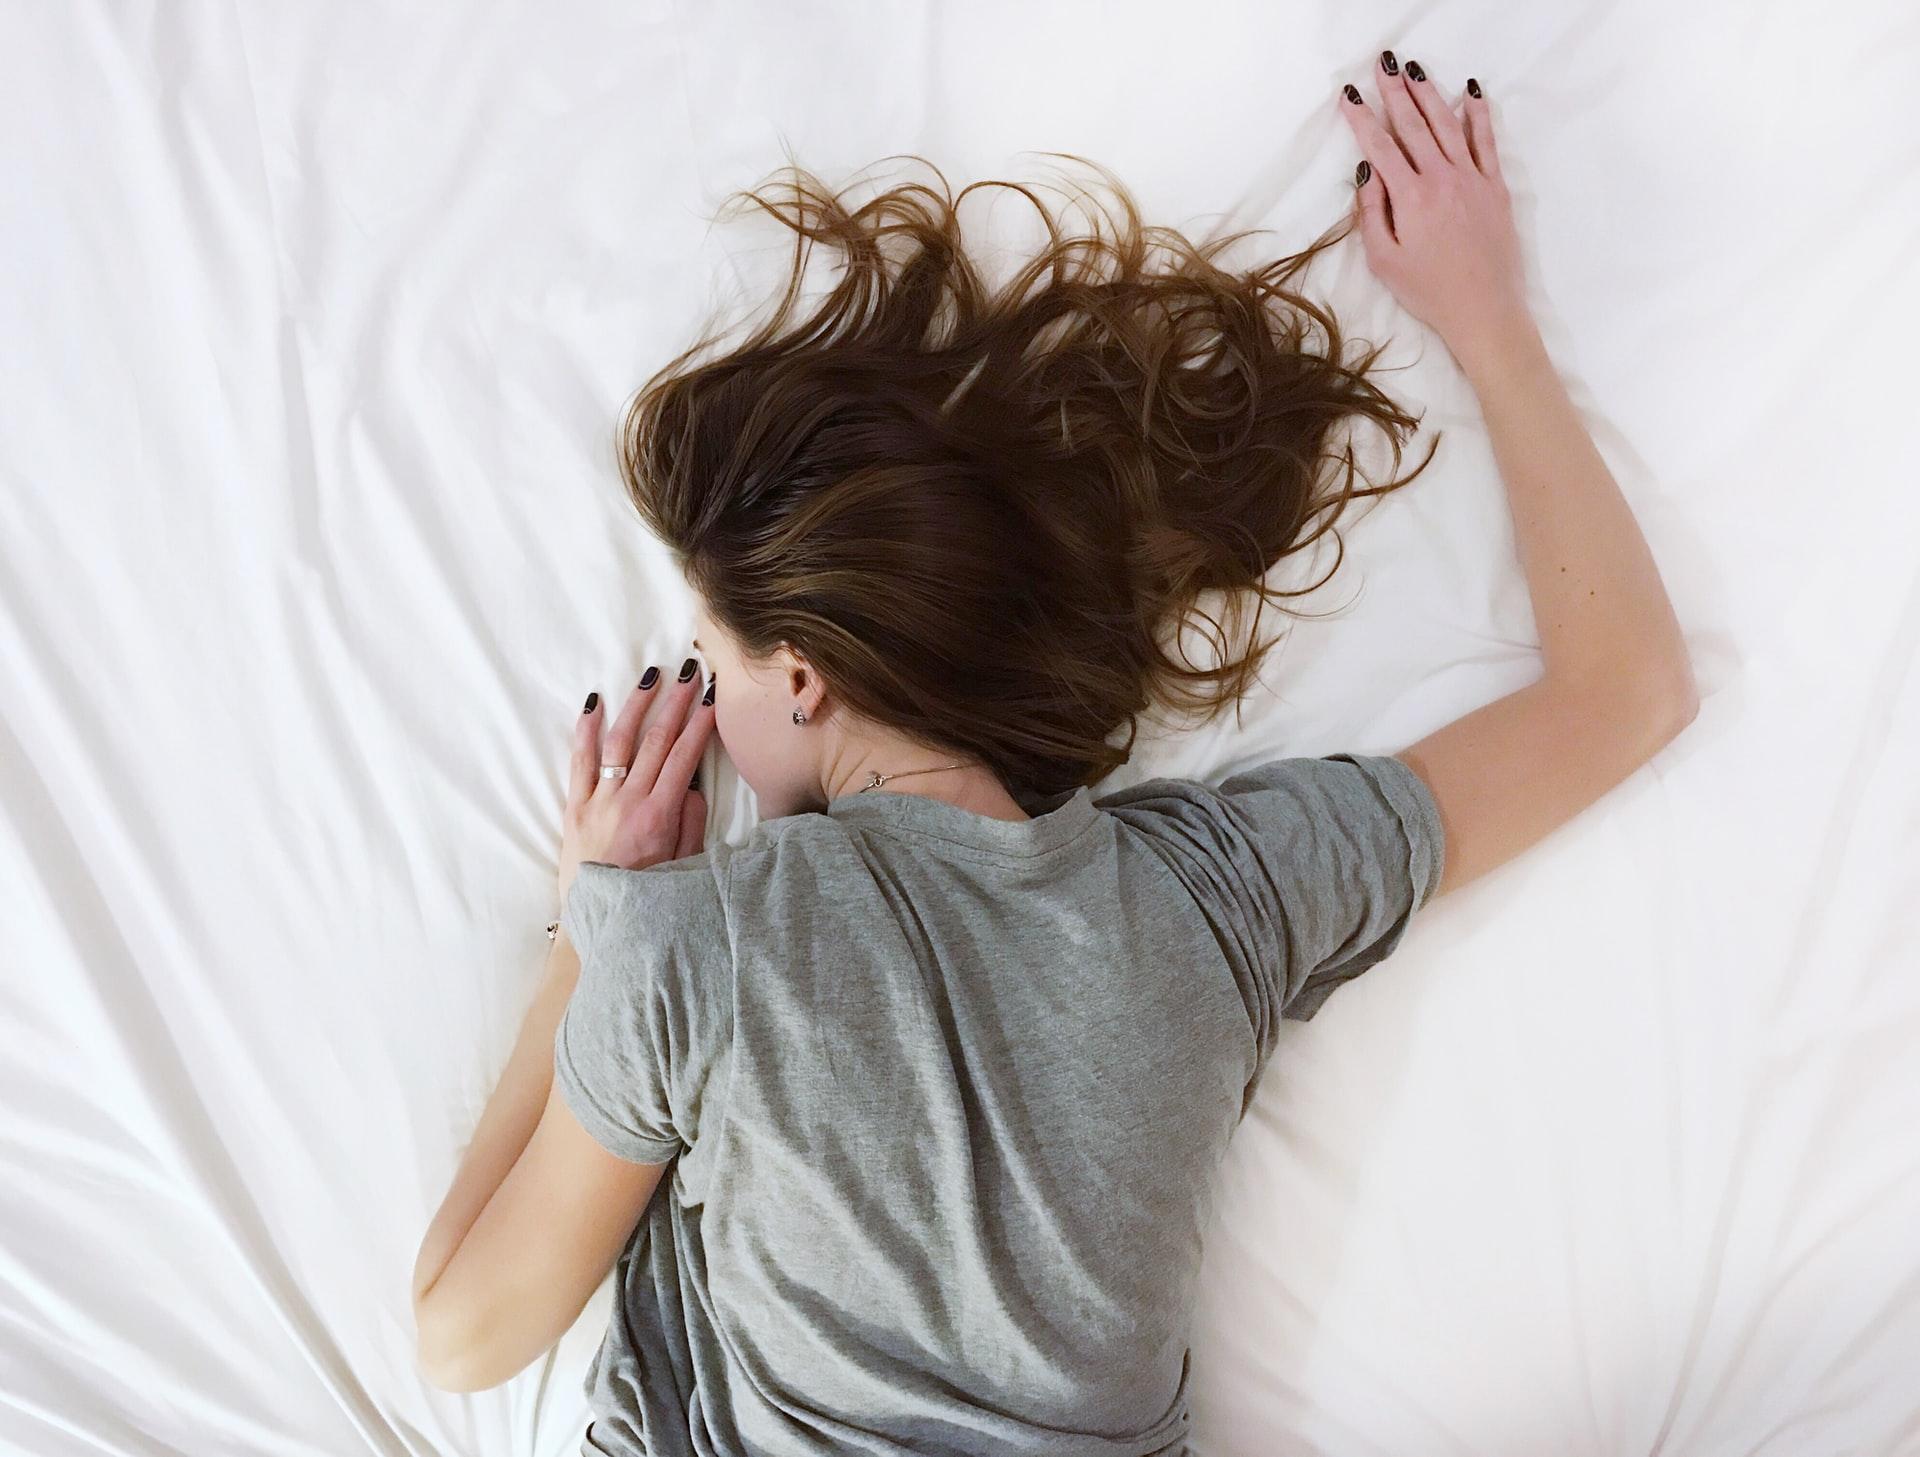 sleep apnea myths, sleep apnea